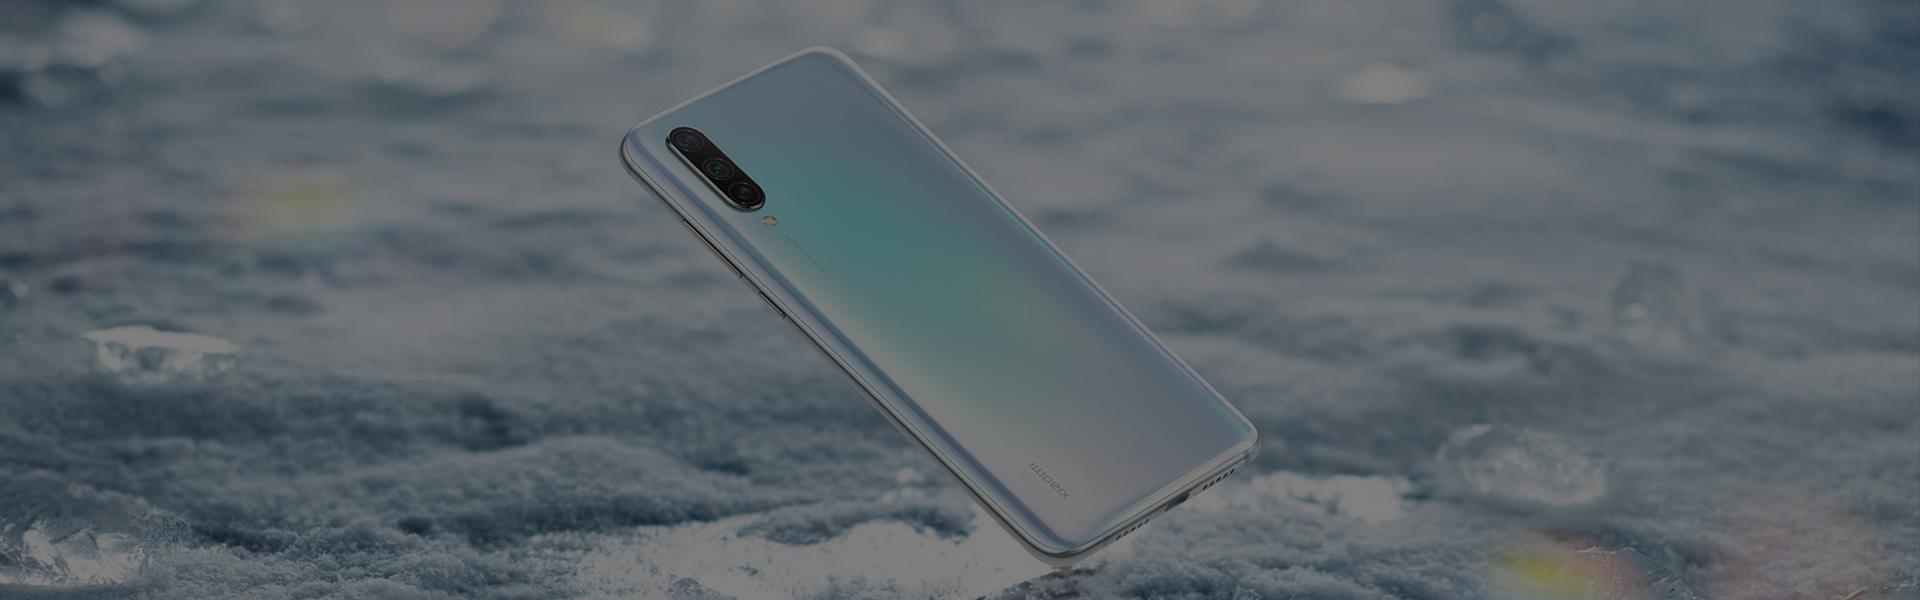 Mi A3:Si buscas un terminal que sea fácil de manejar, integre las últimas tendencias del mercado y disfrute de Android One, es una excelente opción.